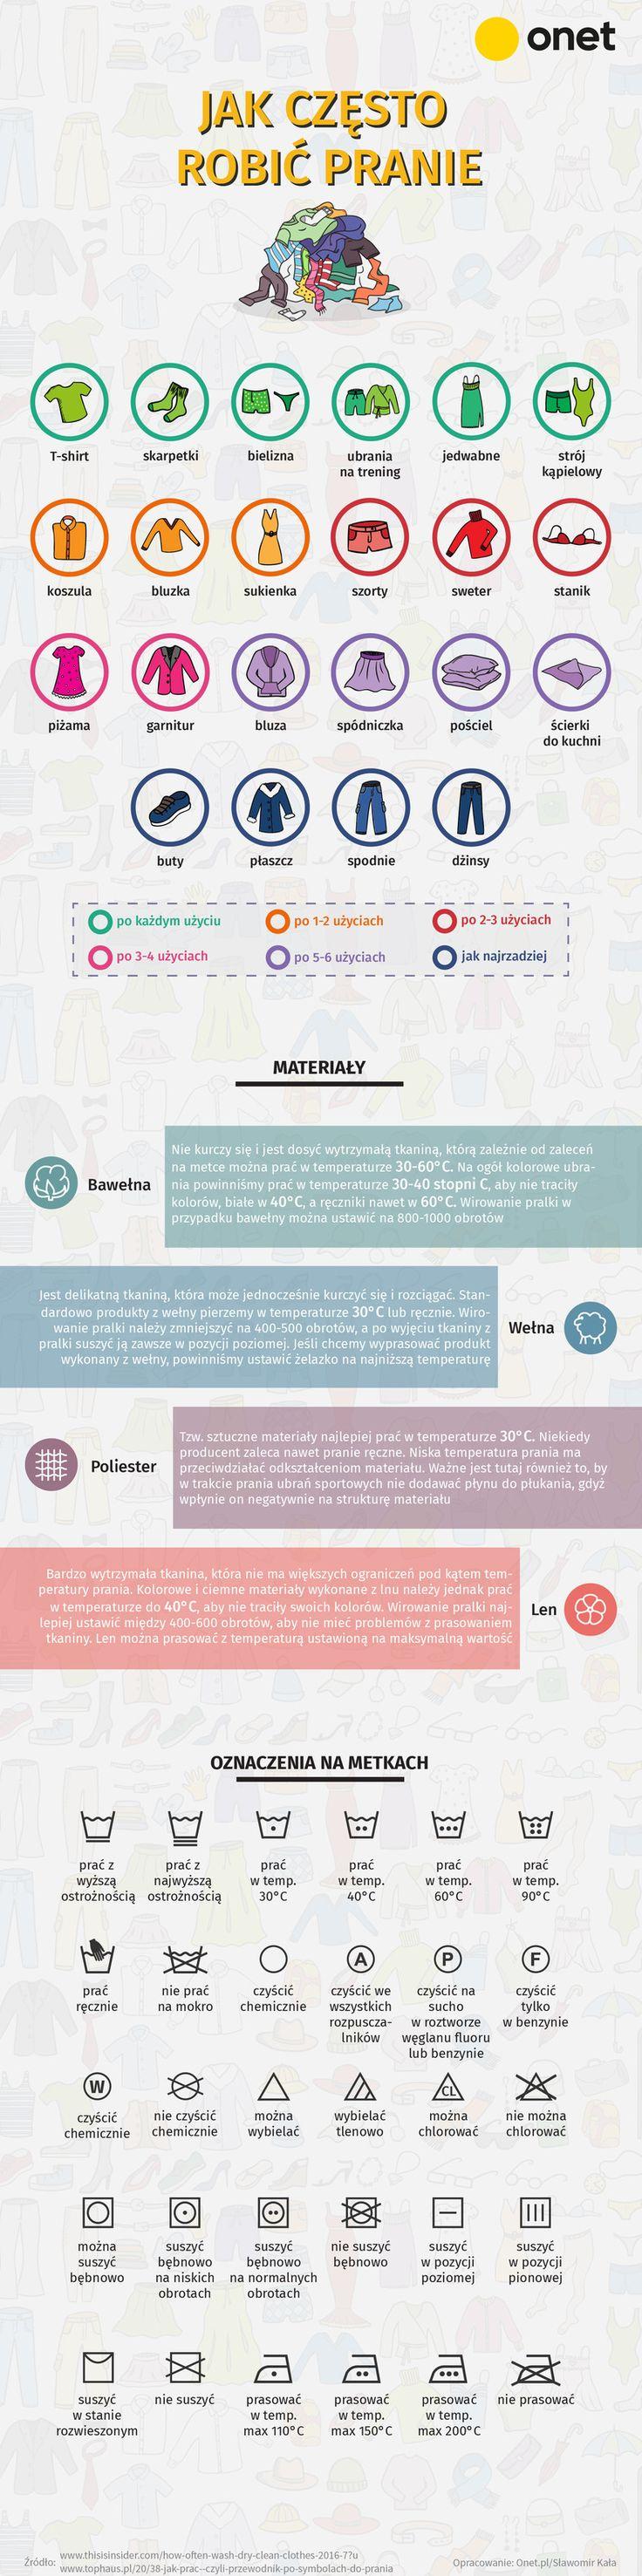 How often should you wash your clothes. http://kobieta.onet.pl/moda/jak-czesto-nalezy-prac-ubrania-co-oznaczaja-symbole-na-metce/b8tx00s